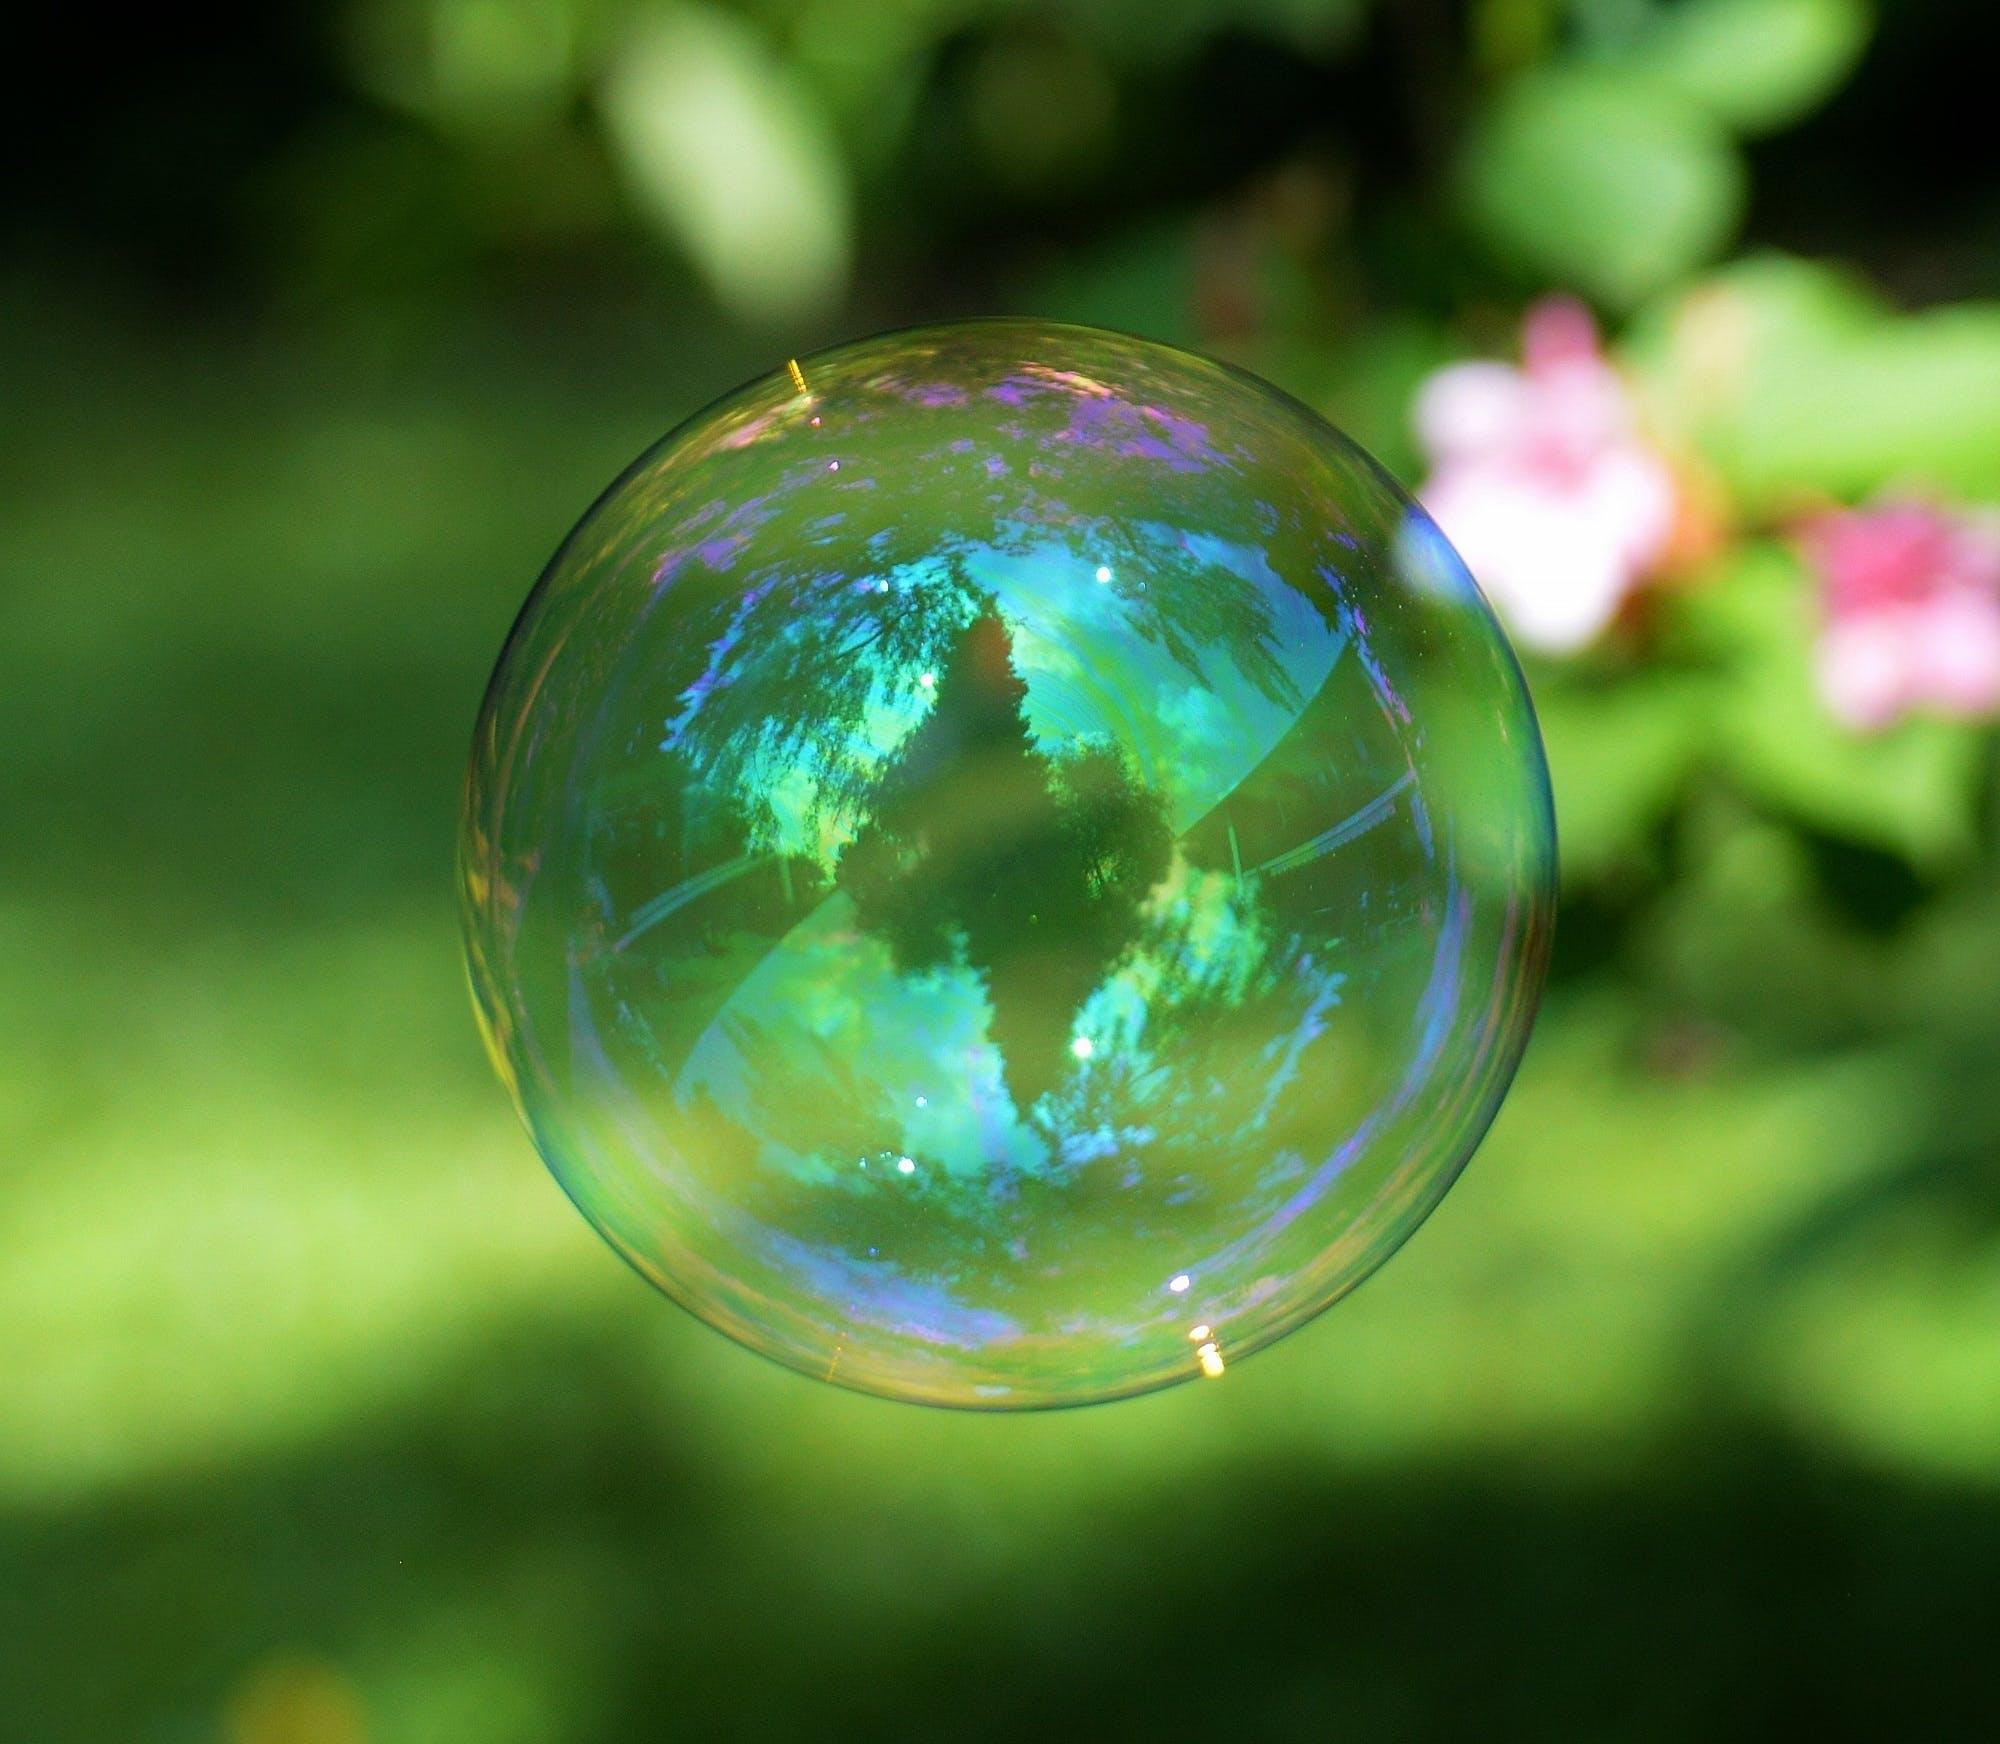 Gratis stockfoto met bubbel, close-up, macro, reflectie